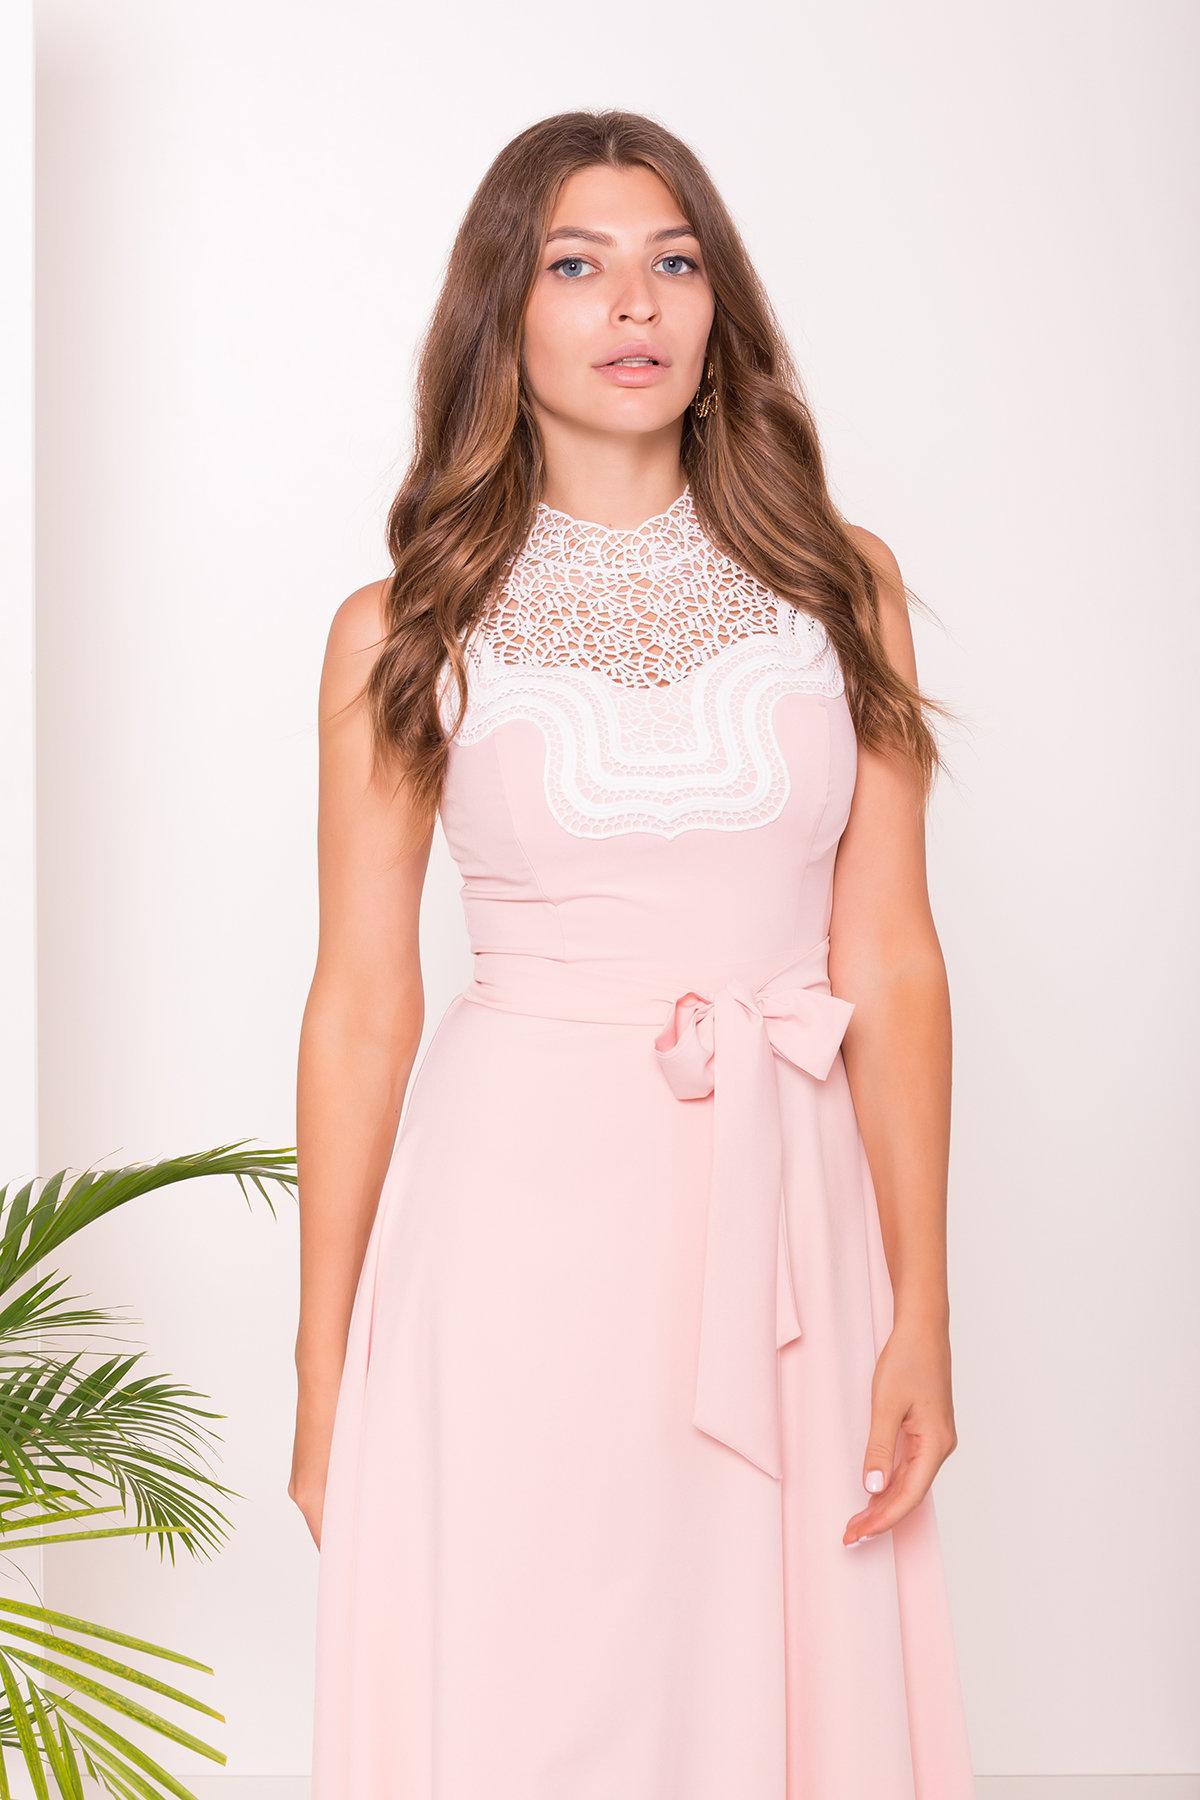 Платье Элисиас 7540 АРТ. 43463 Цвет: Персик - фото 3, интернет магазин tm-modus.ru